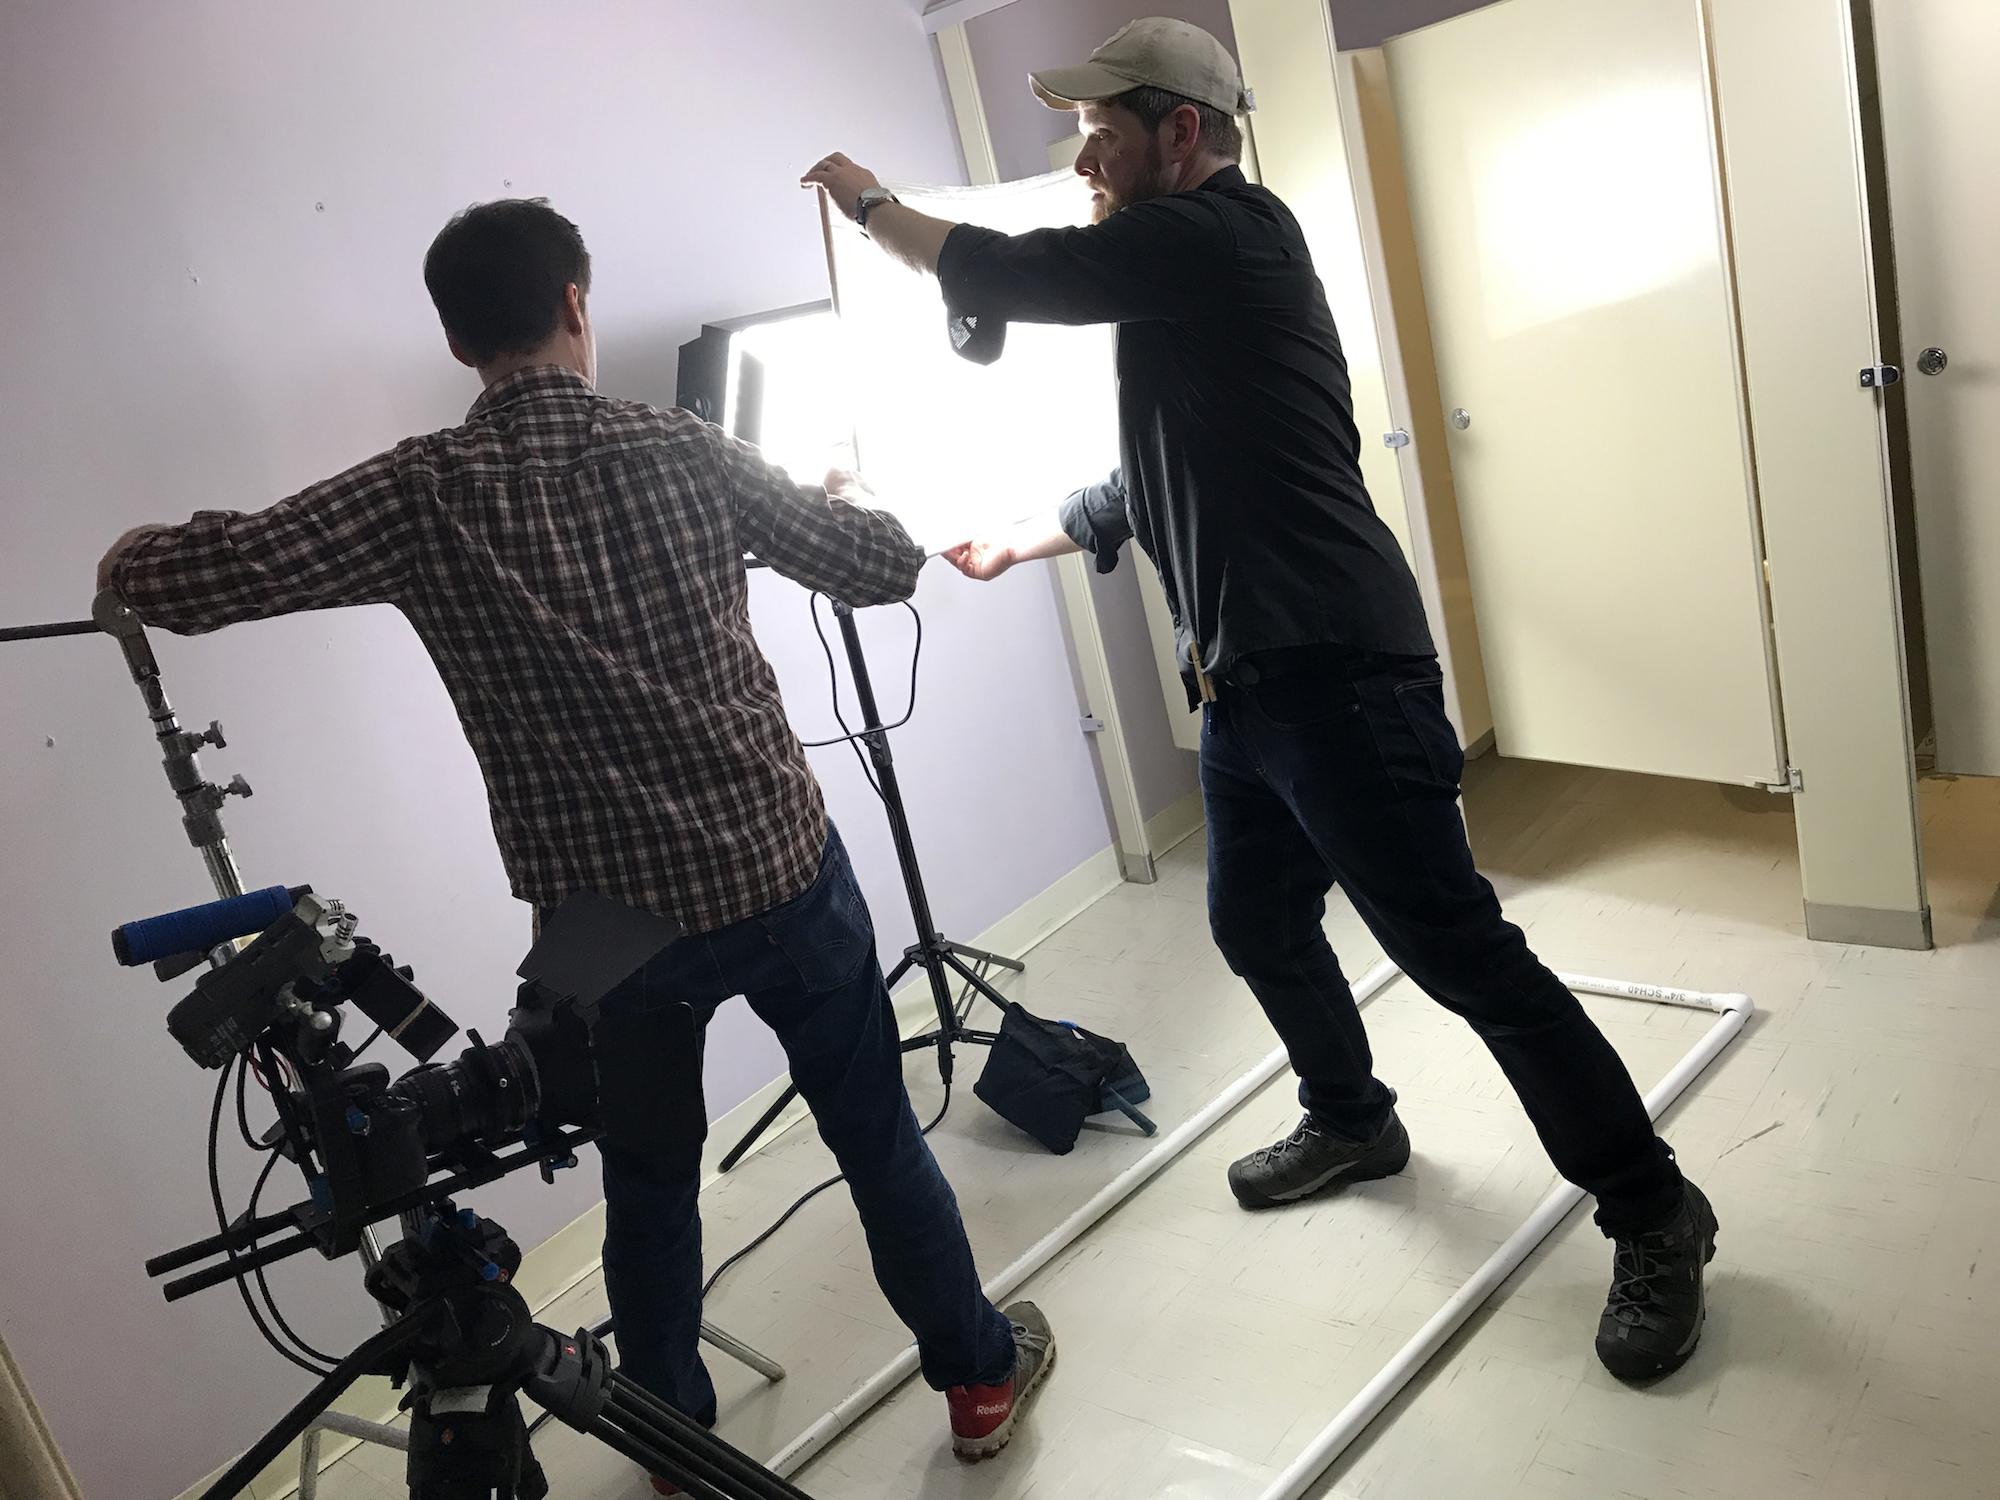 Dan Perez de la Garza and Andrew Frechette behind the scenes on Geena Matuson's (@geenamatuson) video 'Dump Trump,' part of her #Fauxmercials series in 2017. See more @ thegirlmirage.com.